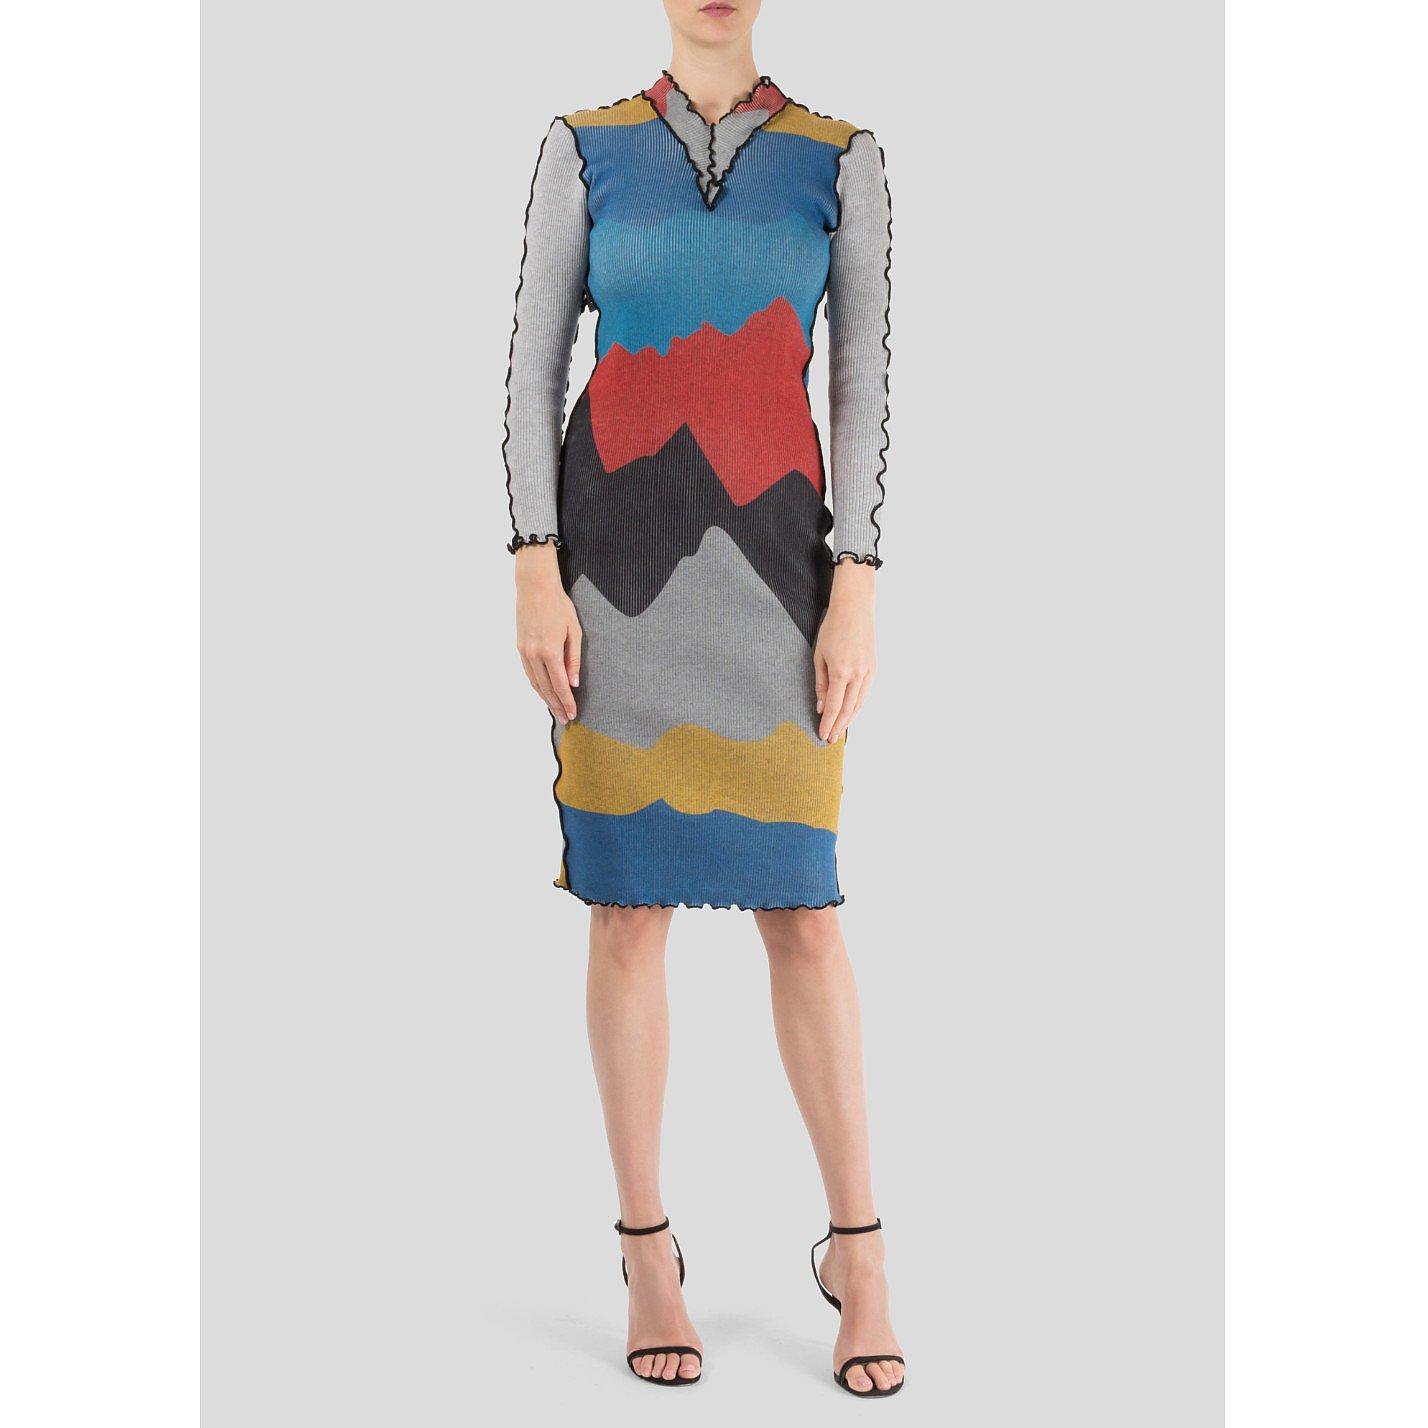 Minnanhui Multicolour Graphic Bodycon Dress